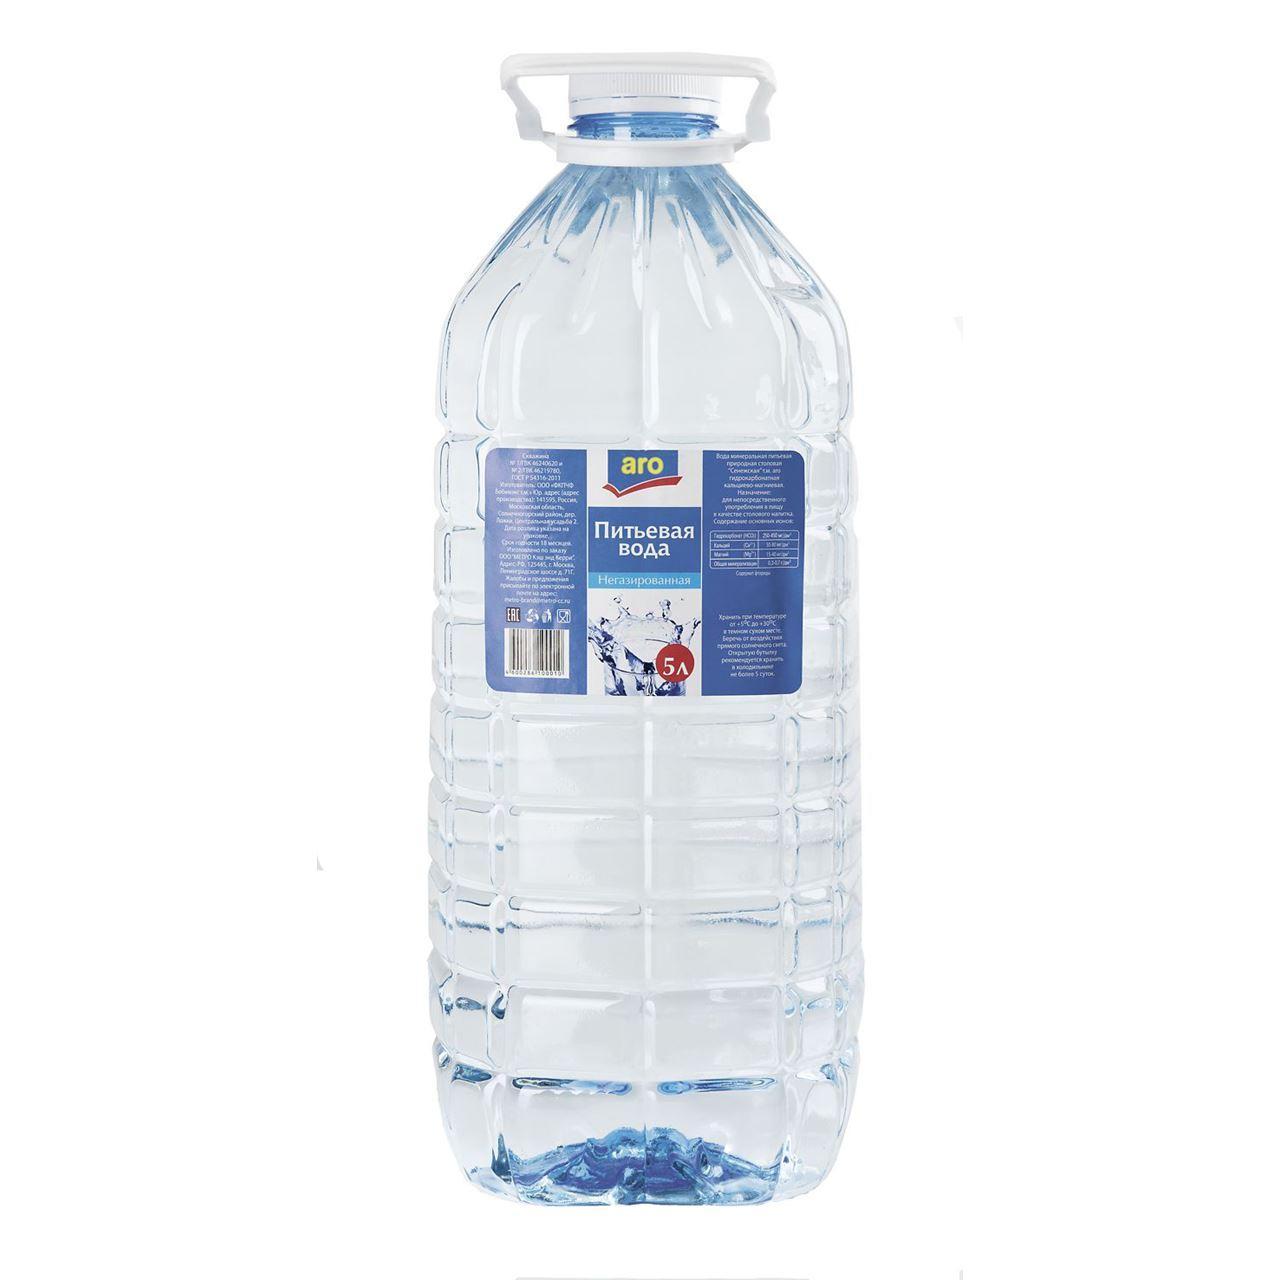 Вода Aro минеральная питьевая негазированная